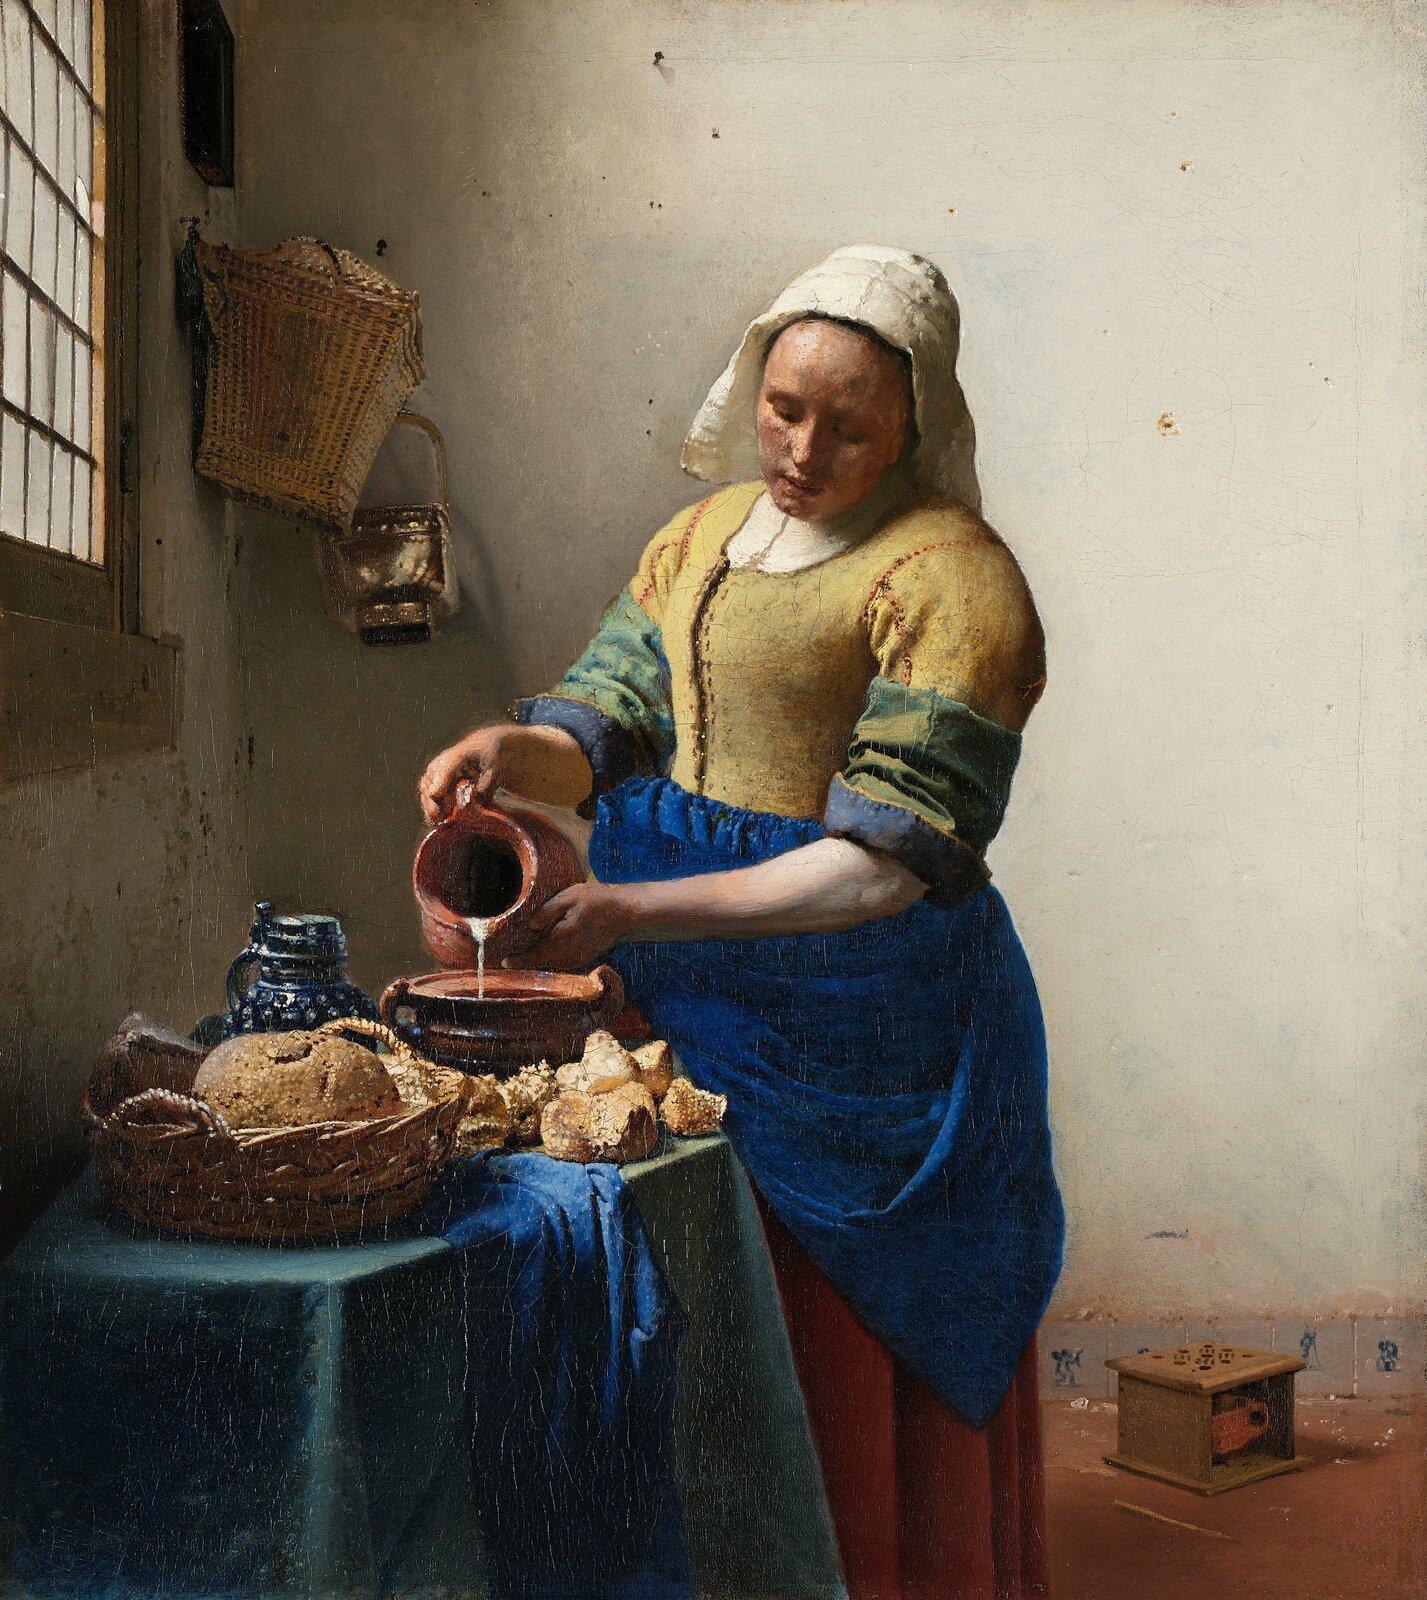 """Ilustracja ukazuje obraz Johannesa Vermeera pt. """"Mleczarka"""", przedstawia on służącą, znajdującą się wpomieszczeniu, wpobliżu okna. Dziewczyna, znajdująca się wcentralnej części płótna, skupiona jest na wykonywanej czynności: przelewaniu mleka zdzbana do garnka, stojącego na stole. Służąca ma na sobie żółto-niebieską suknię ibiałą chustę. Wzrok ma spuszczony wdół. Na stole przykrytym zielonym obrusem, za którym stoi, znajduje się także koszyk zchlebem, pieczywo, dzban iniebieska tkanina. Na ścianie wtle zawieszony jest kosz imetalowe naczynie, ana podłodze po jej lewej stronie stoi ogrzewacz do stóp."""